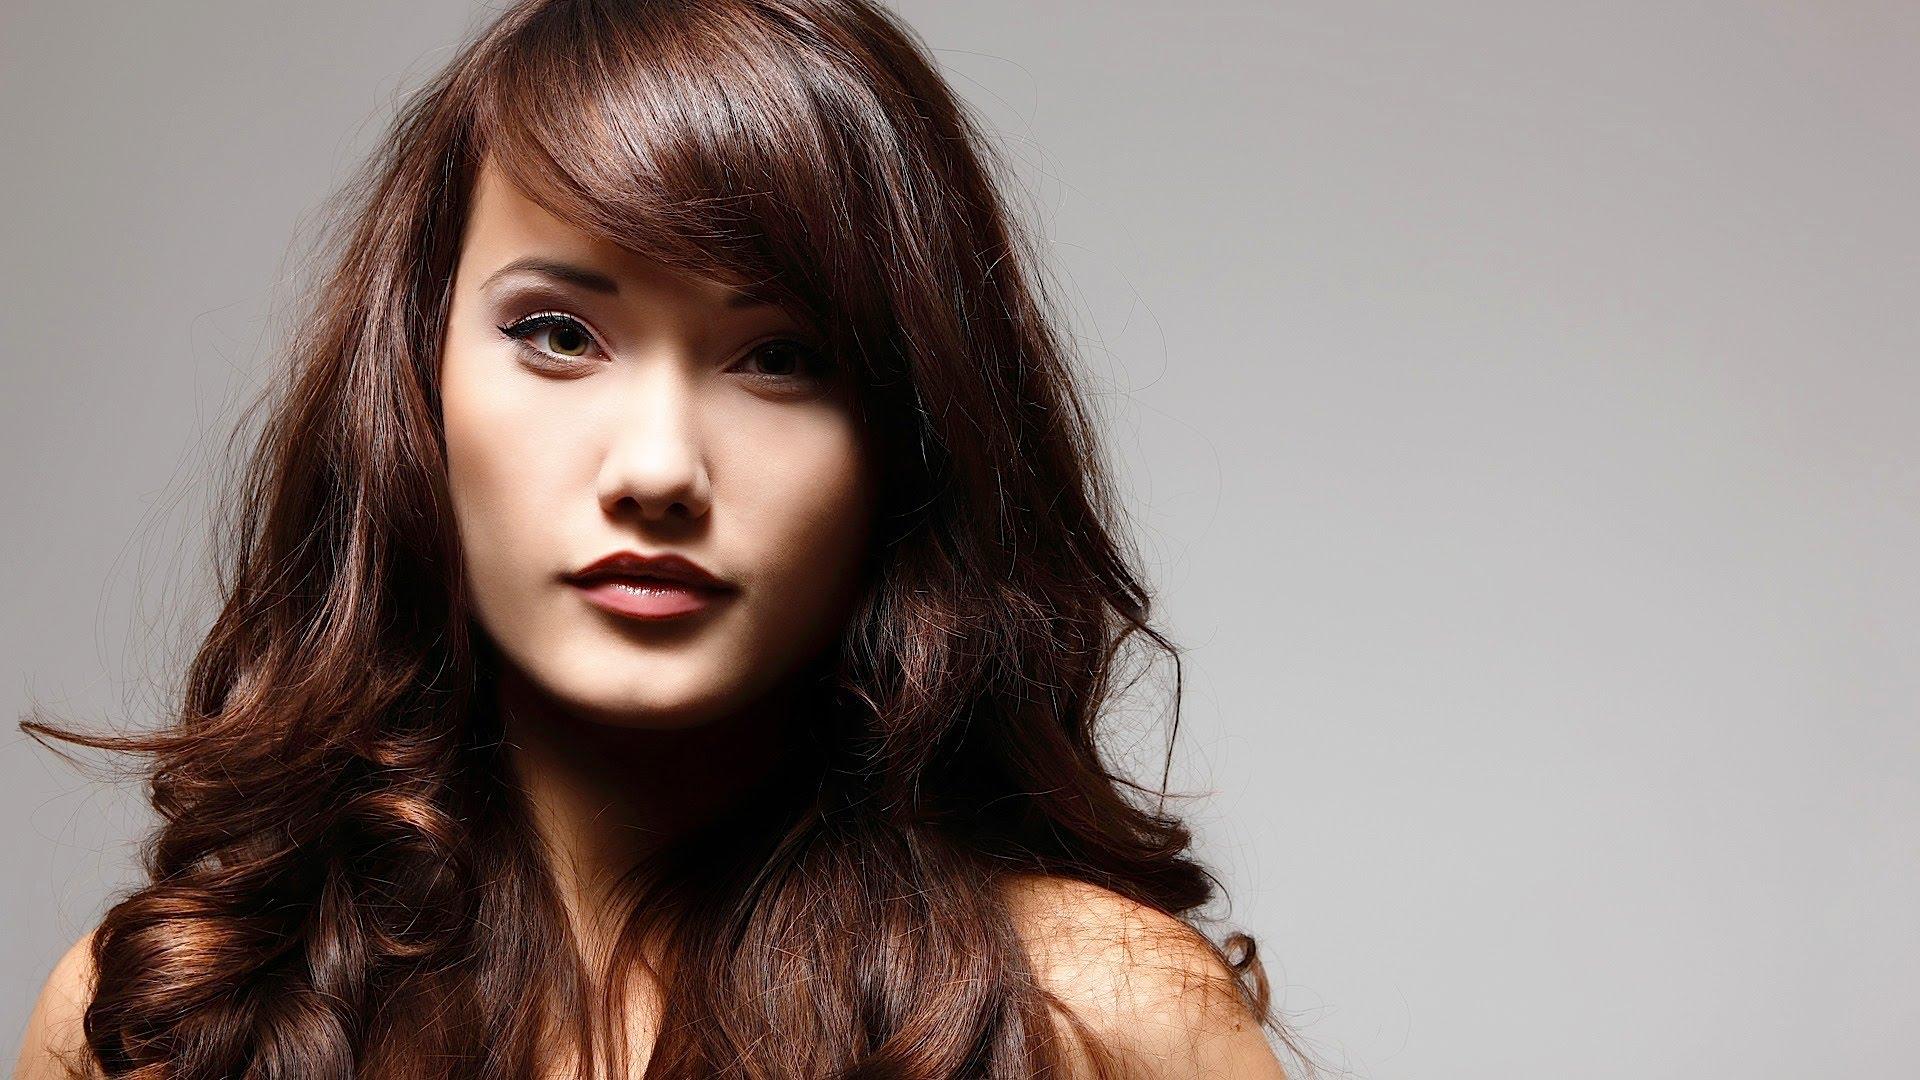 Che trattare capelli la calvizie a donne